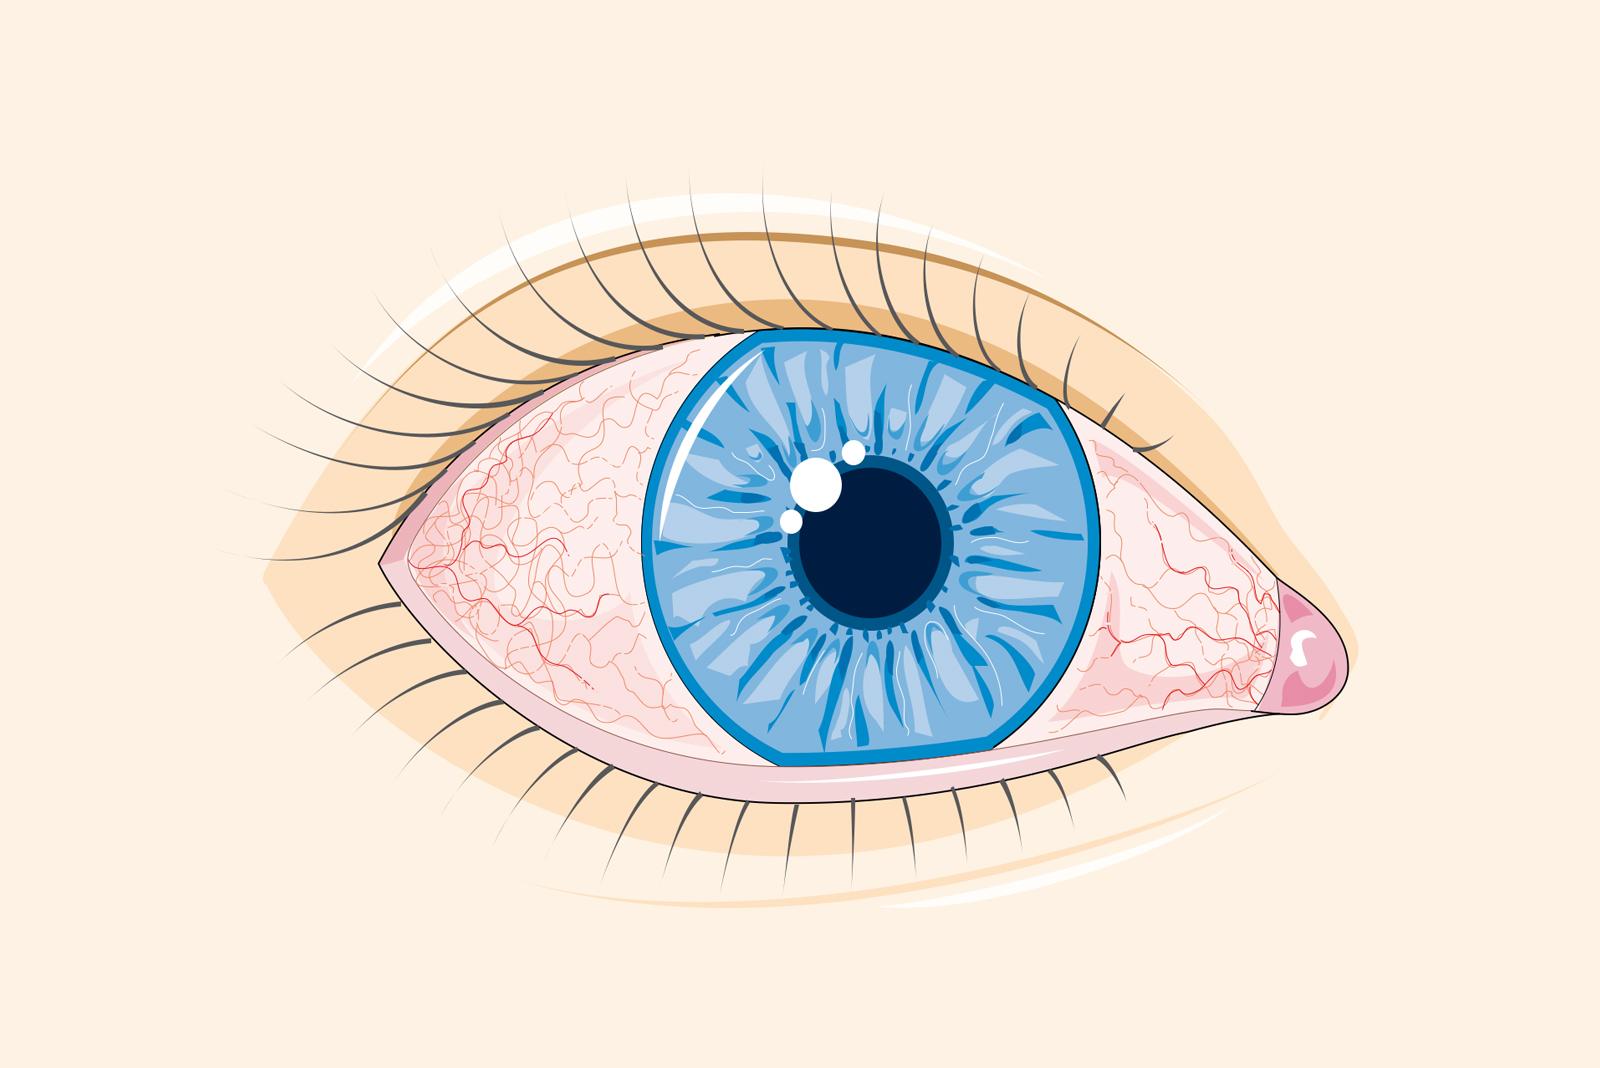 vedere încețoșată și cercuri în fața ochilor efect stereogramă asupra vederii